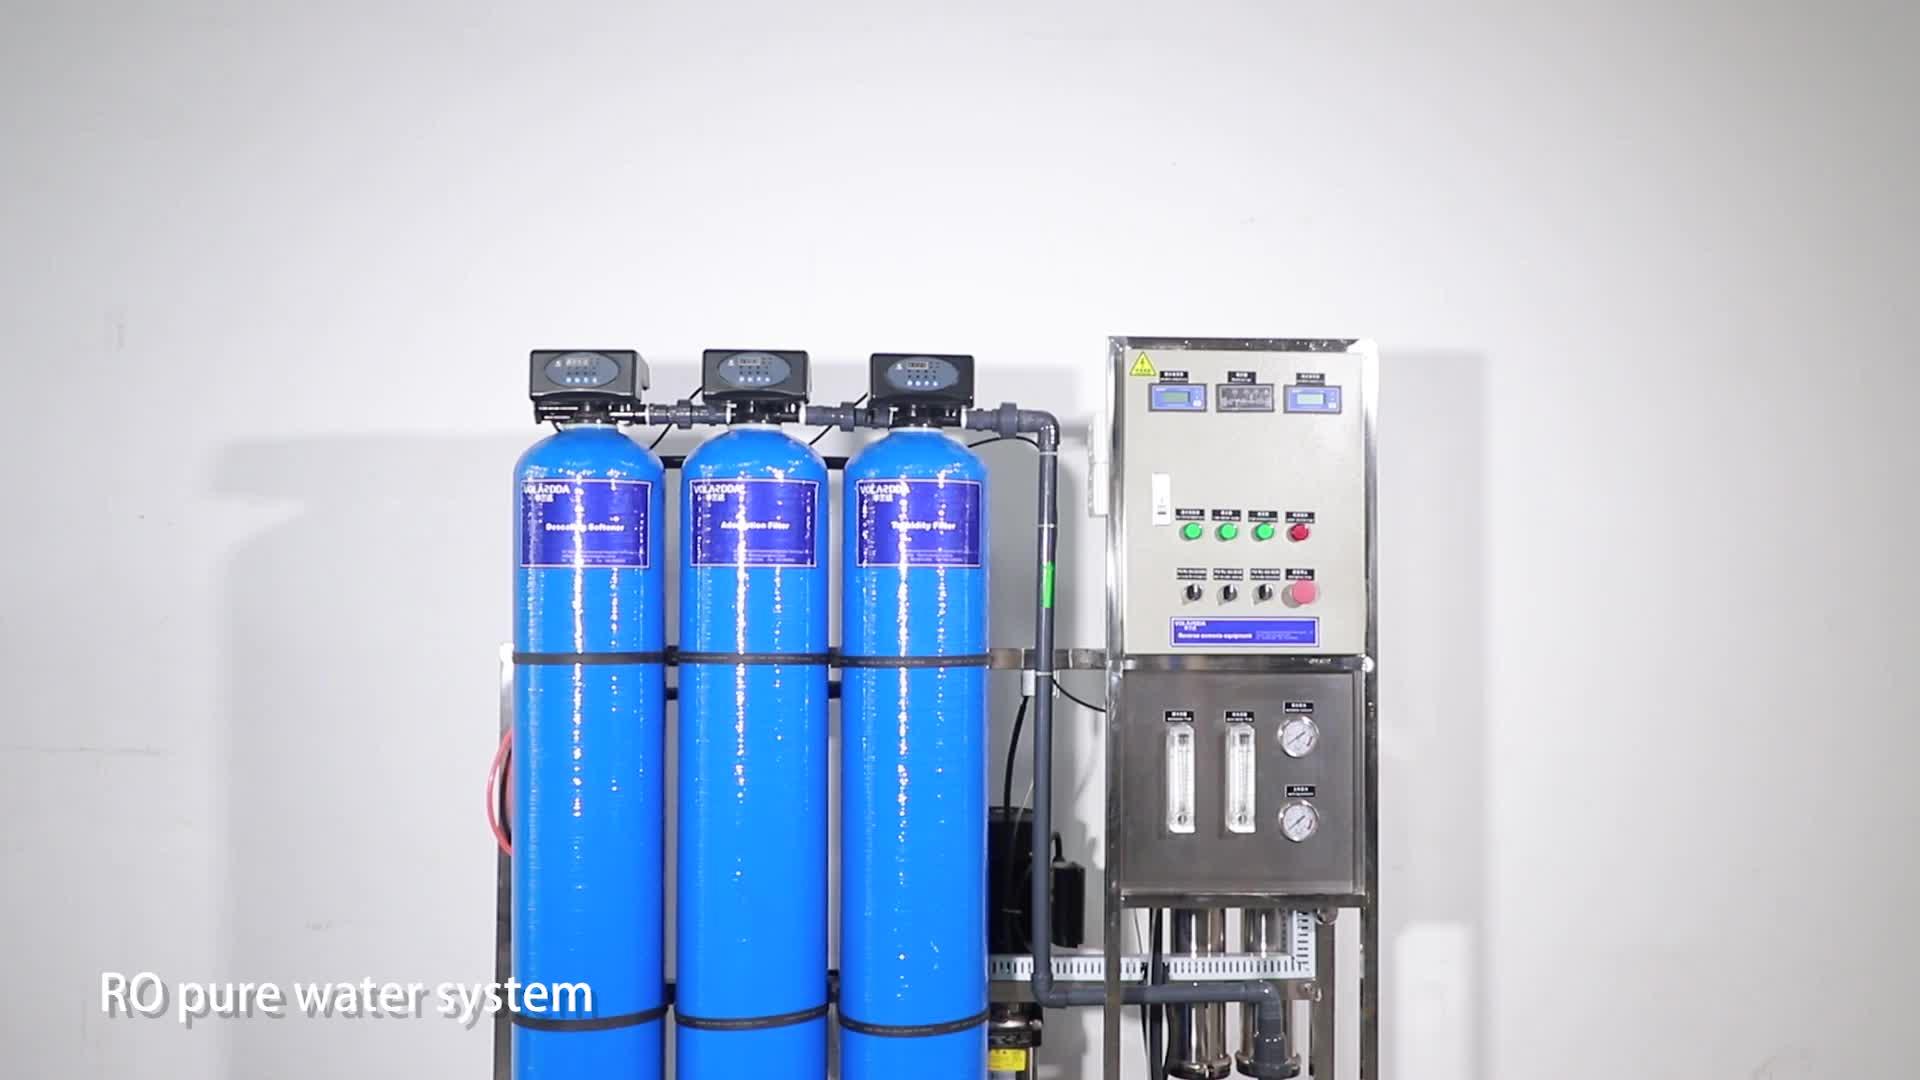 SS filtro acqua mini minerale impianto di sistemi ad osmosi inversa per bere acqua prezzo